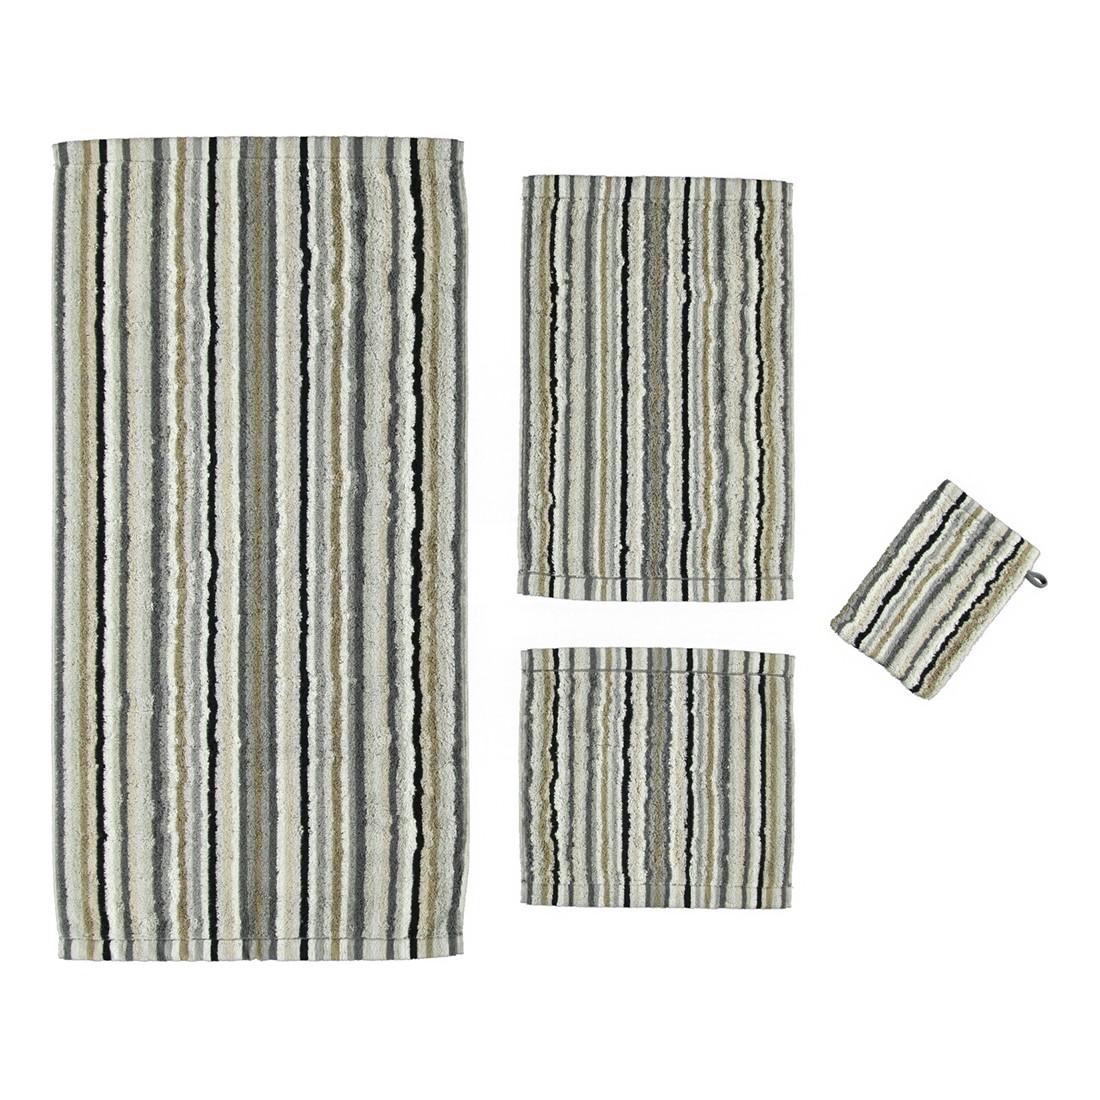 Handtuch Life Style Streifen – 100% Baumwolle kiesel – 37 – Gästetuch: 30 x 50 cm, Cawö günstig kaufen